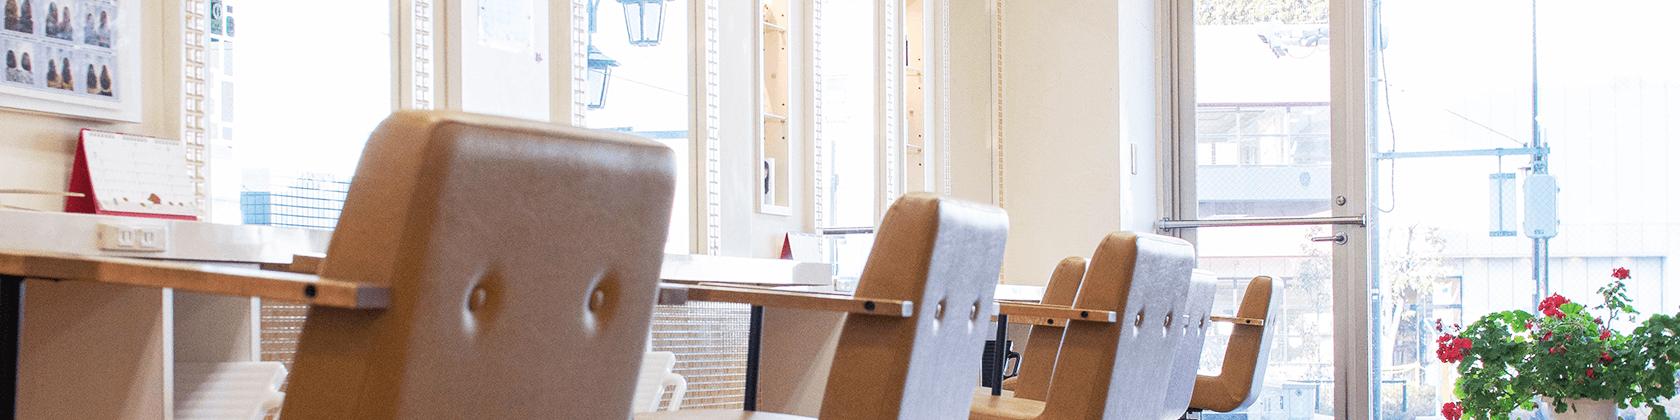 千川の美容室カミユウの内観